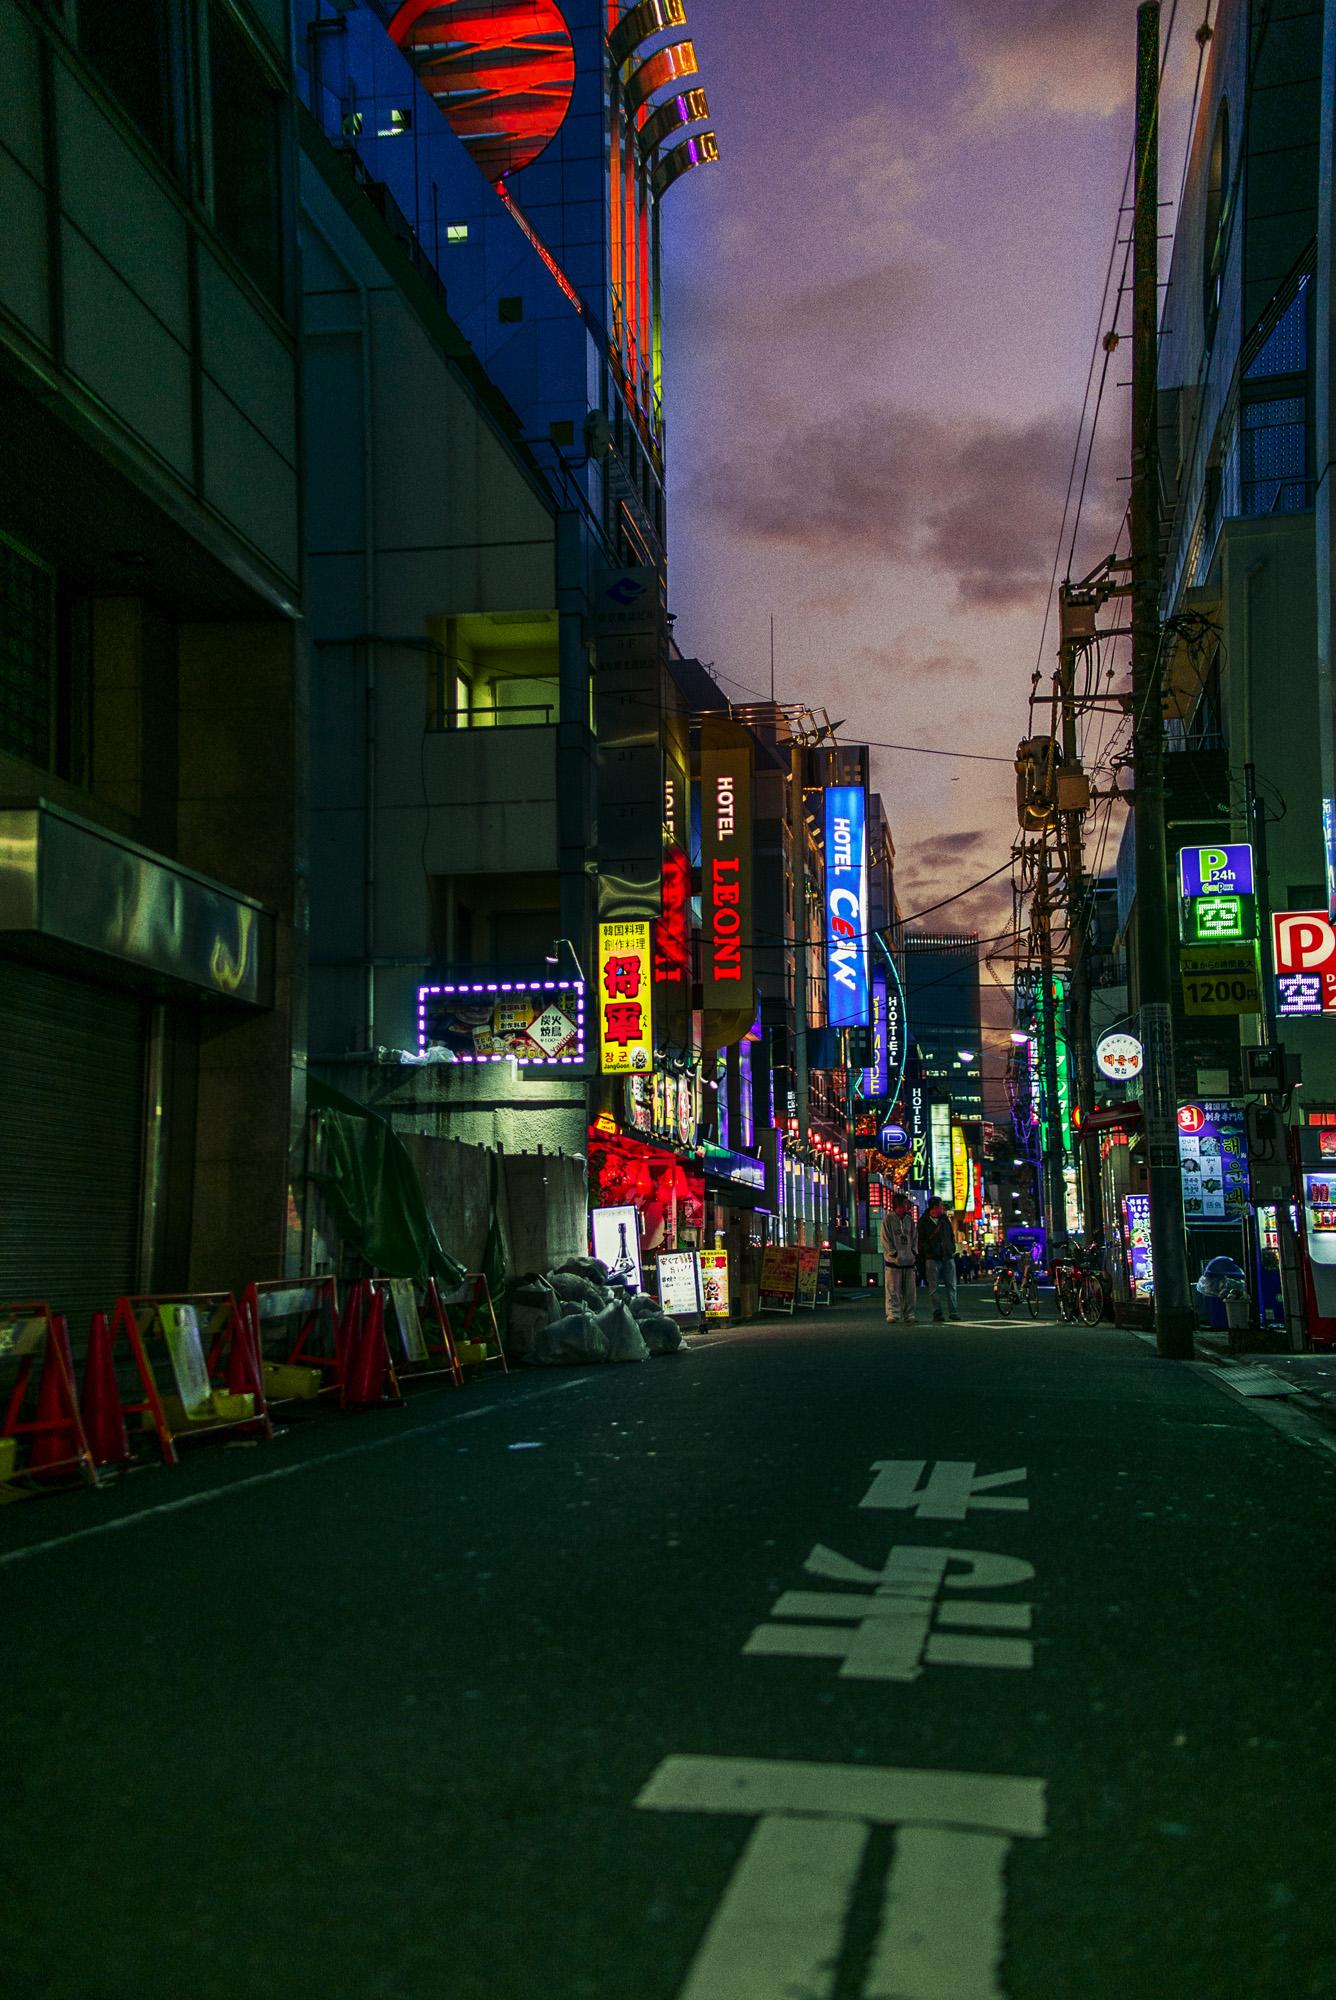 TK_Alleyway_Neon.jpg